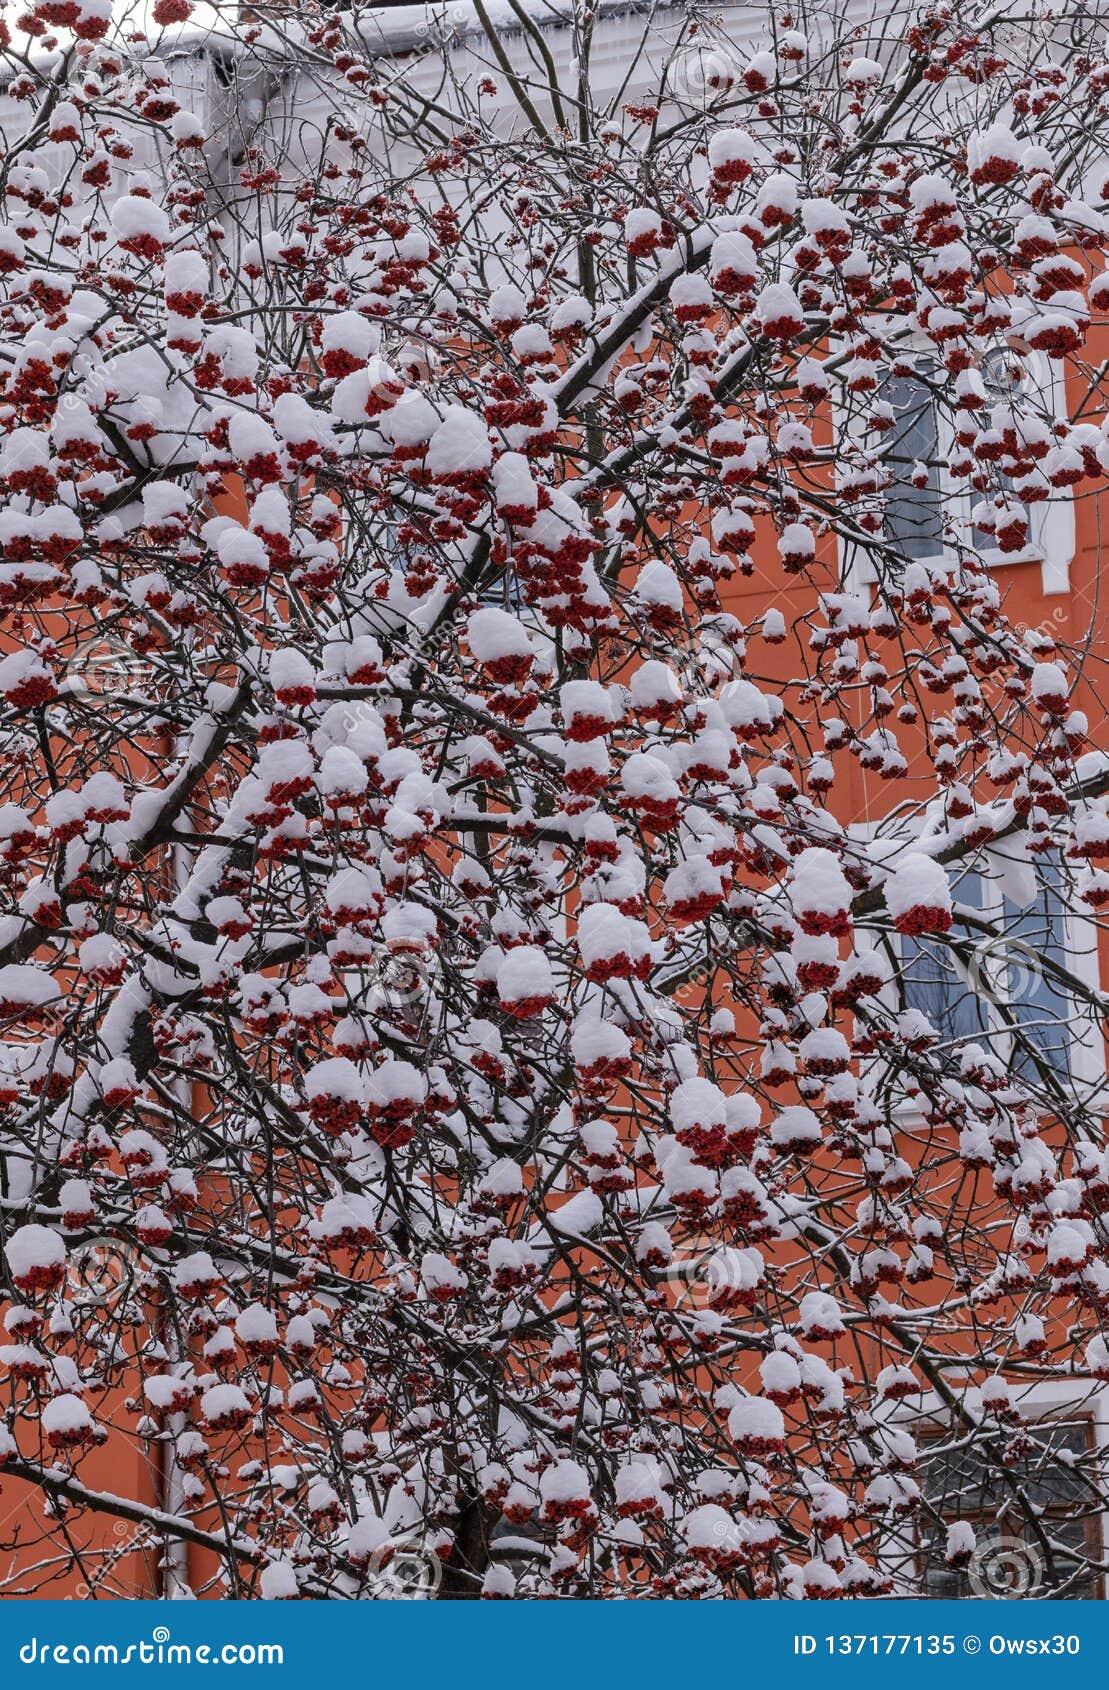 Ο Rowan διακλαδίζεται με τις συστάδες των μούρων κάτω από το χιόνι στην πόλη το χειμώνα